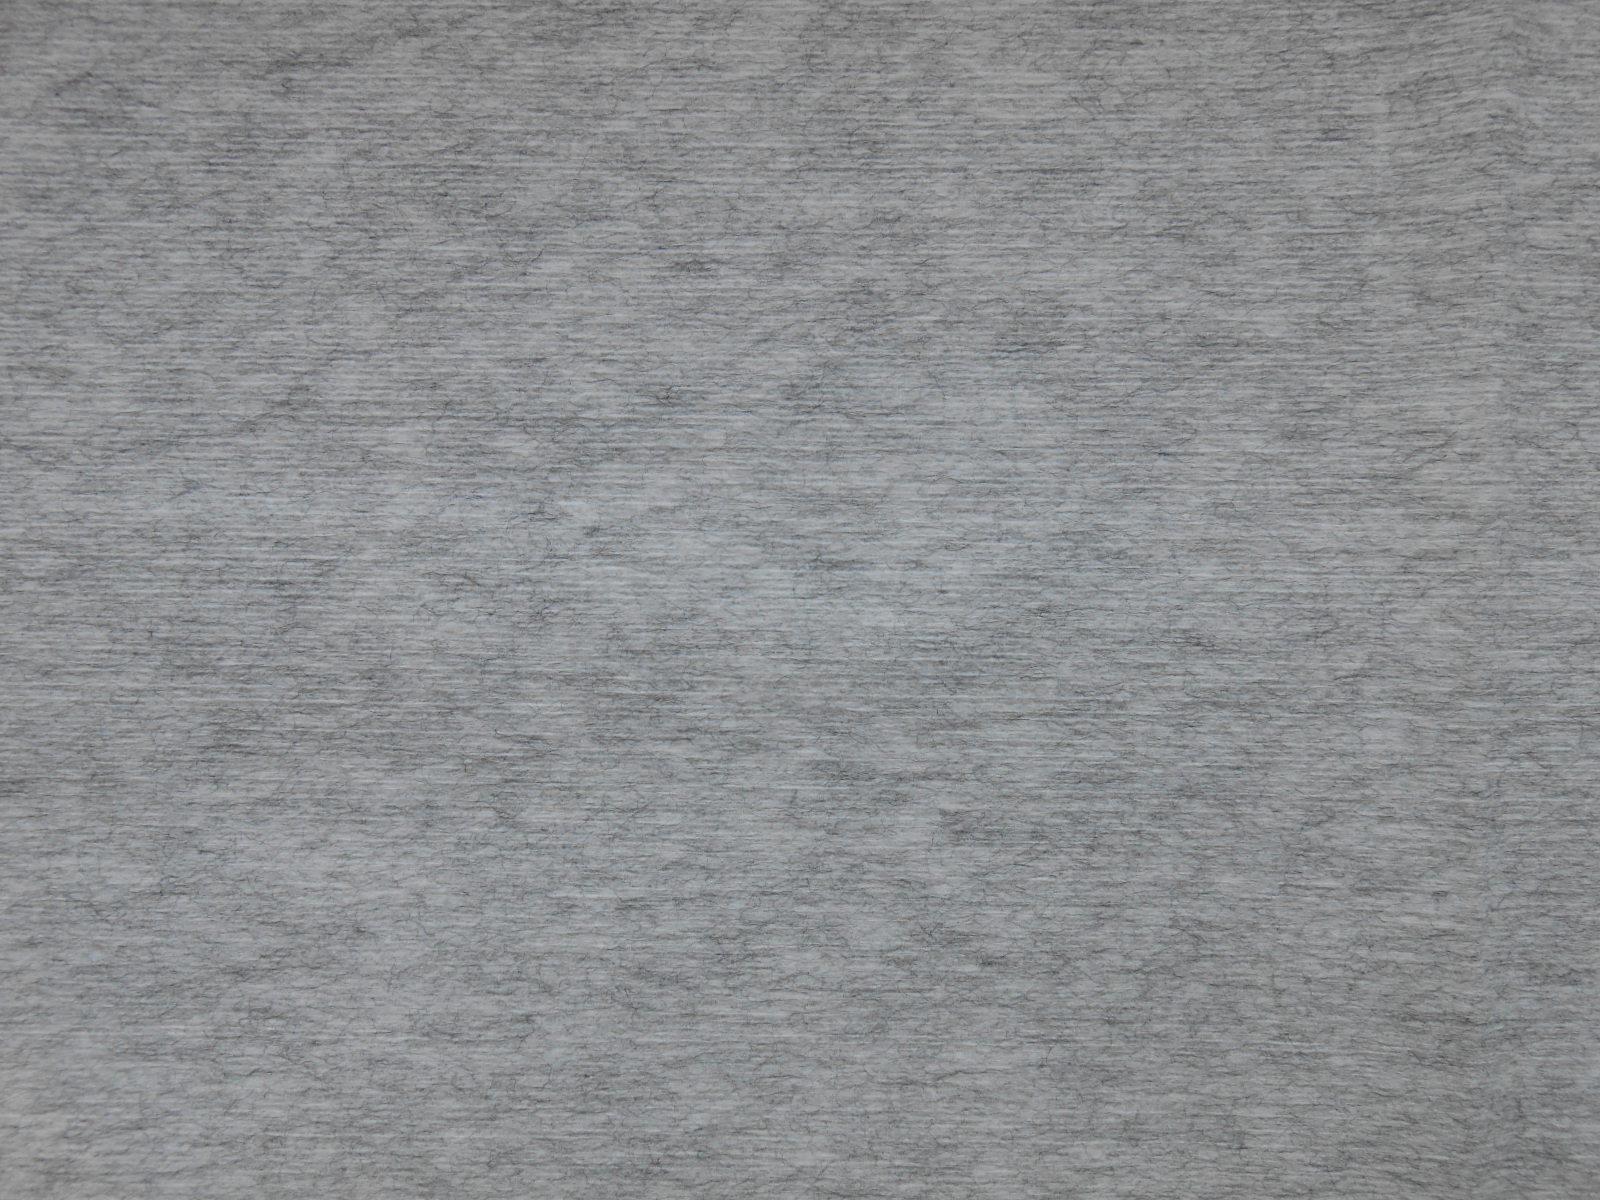 SOFTEXTRA Grey Z-fold 38x30cm- 10x44sh